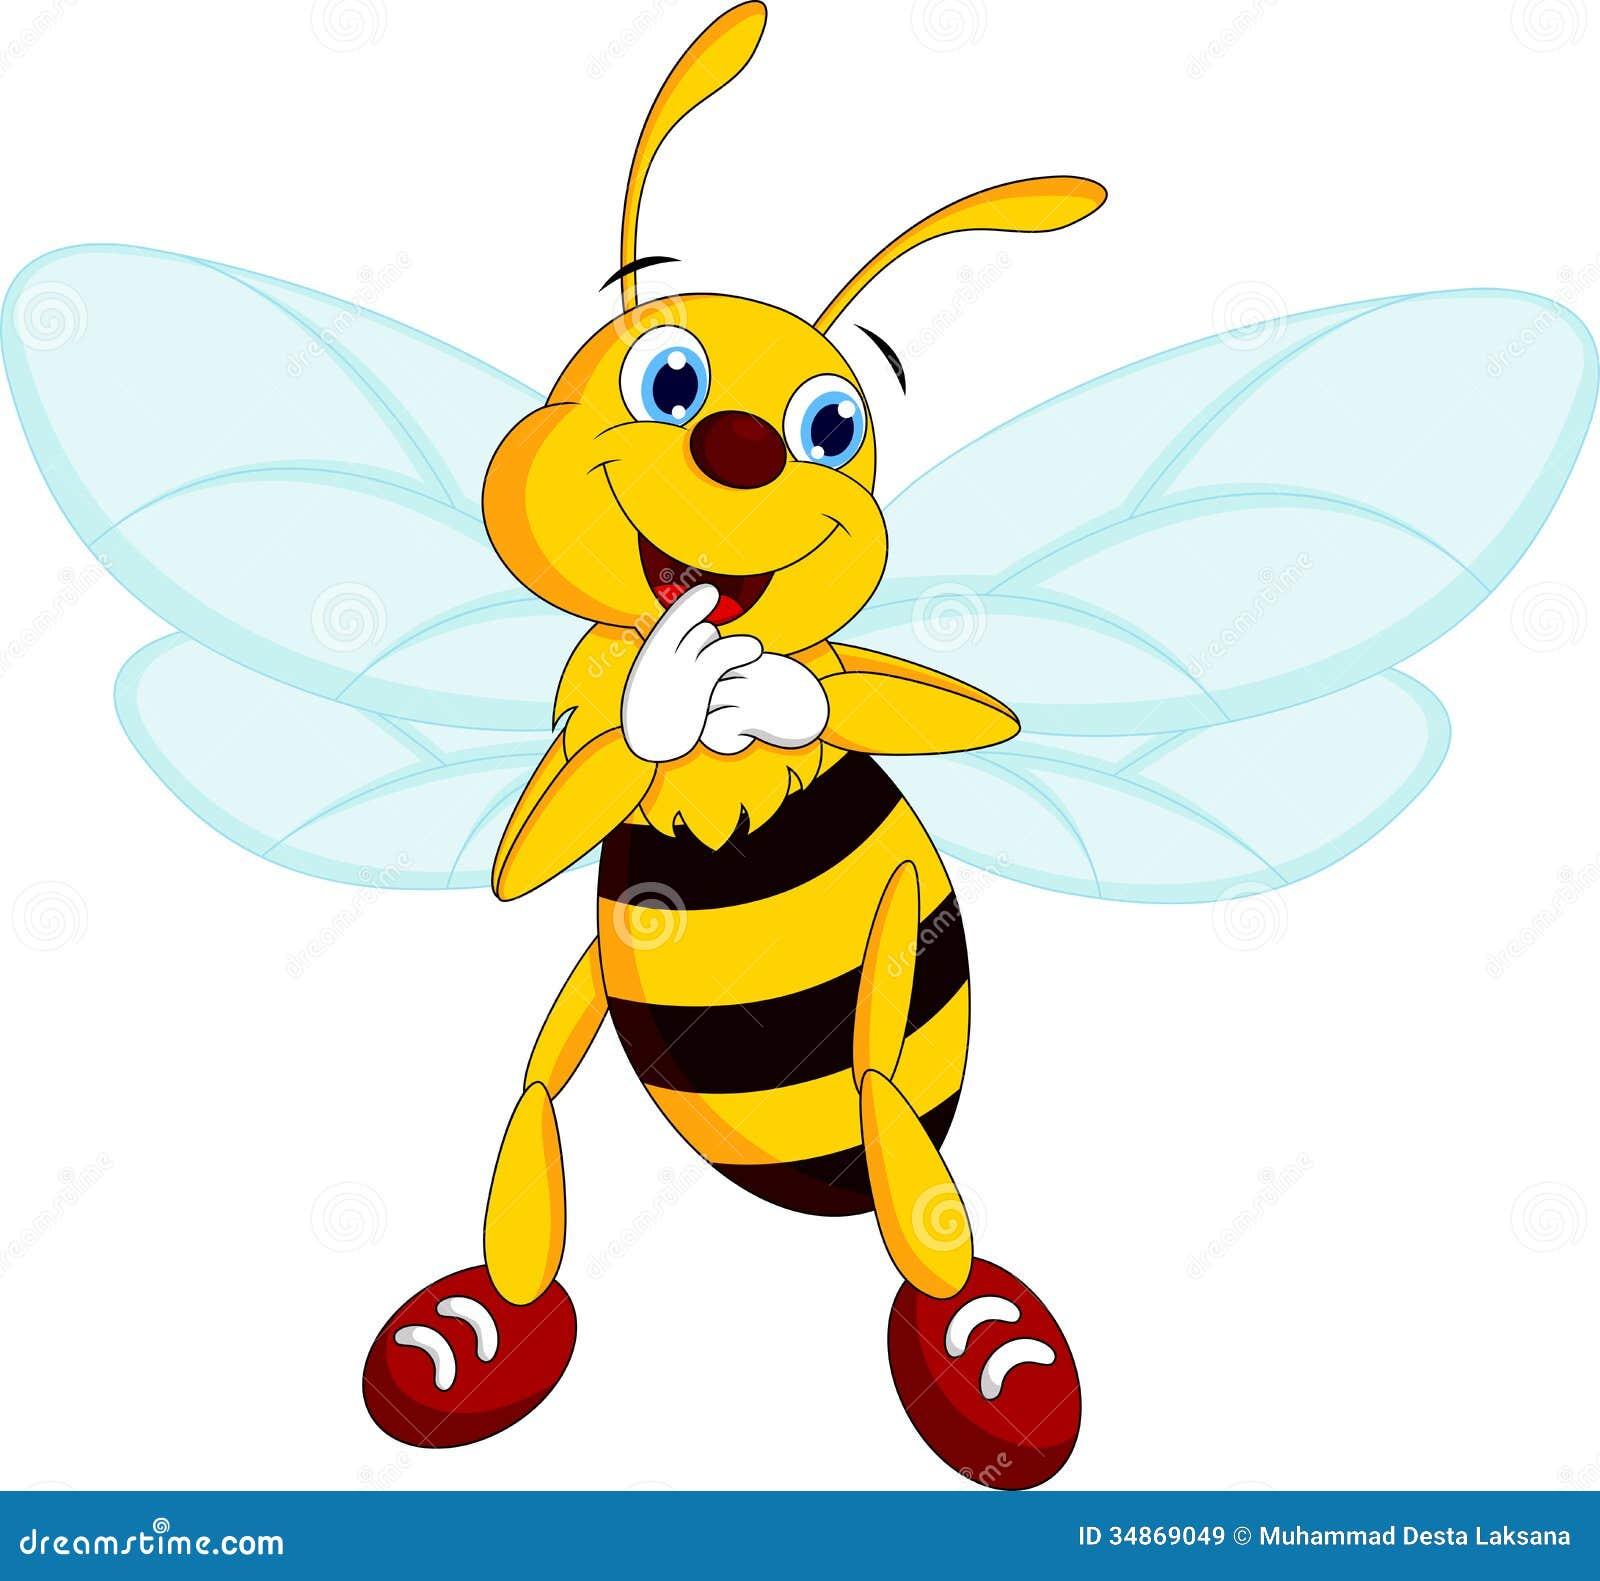 Cartoon bees flying - photo#19